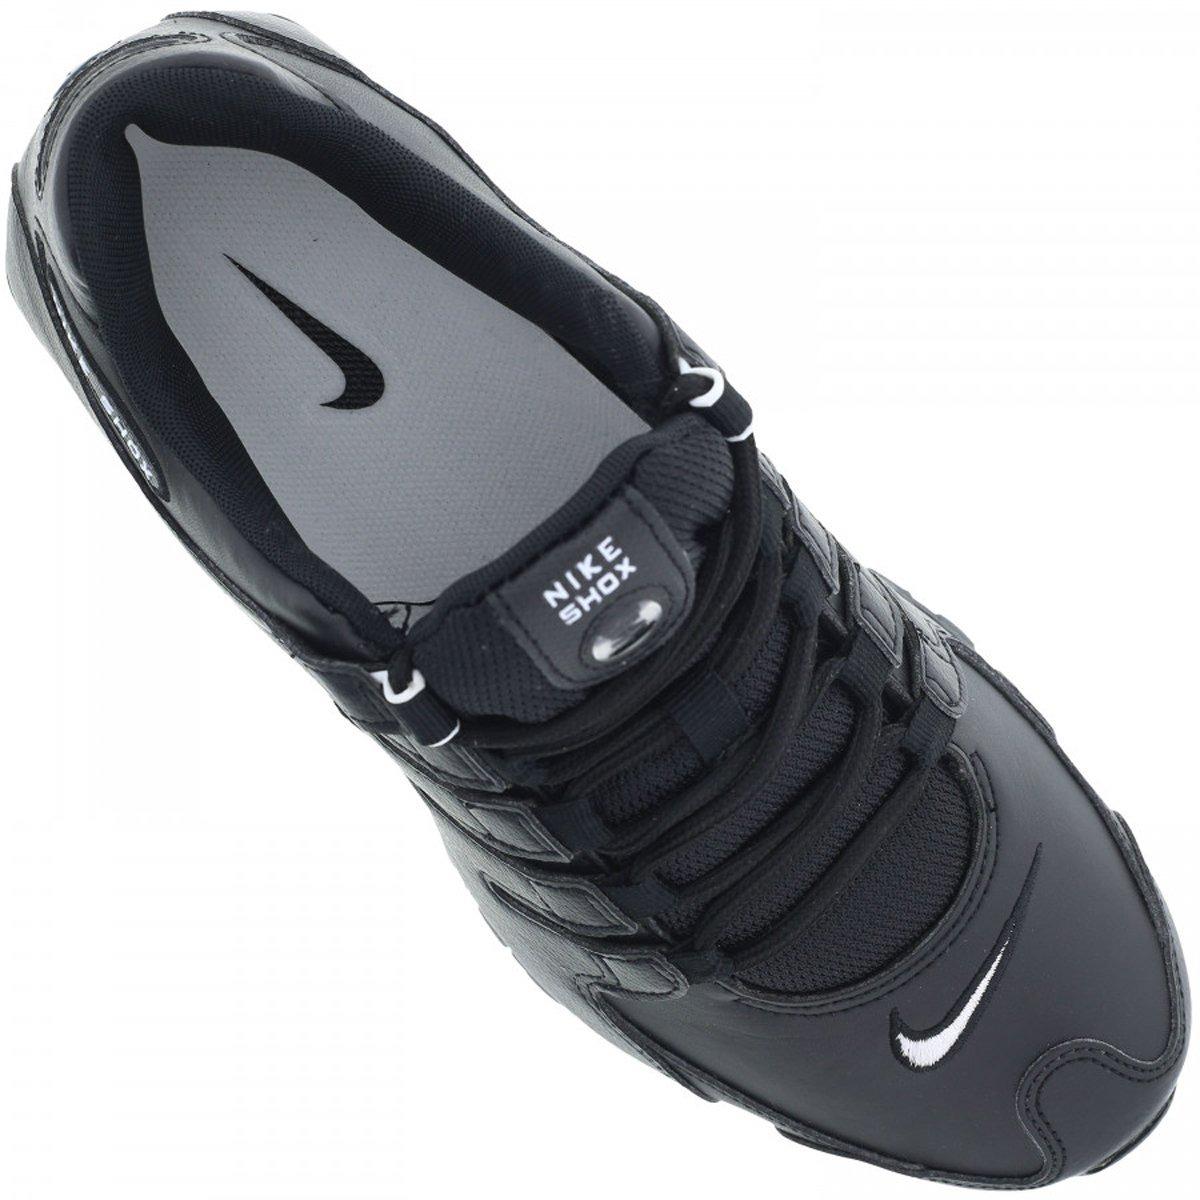 brand new e70db cb602 tênis masculino nike shox nz eu 501524-091   katy calçados. Carregando zoom.